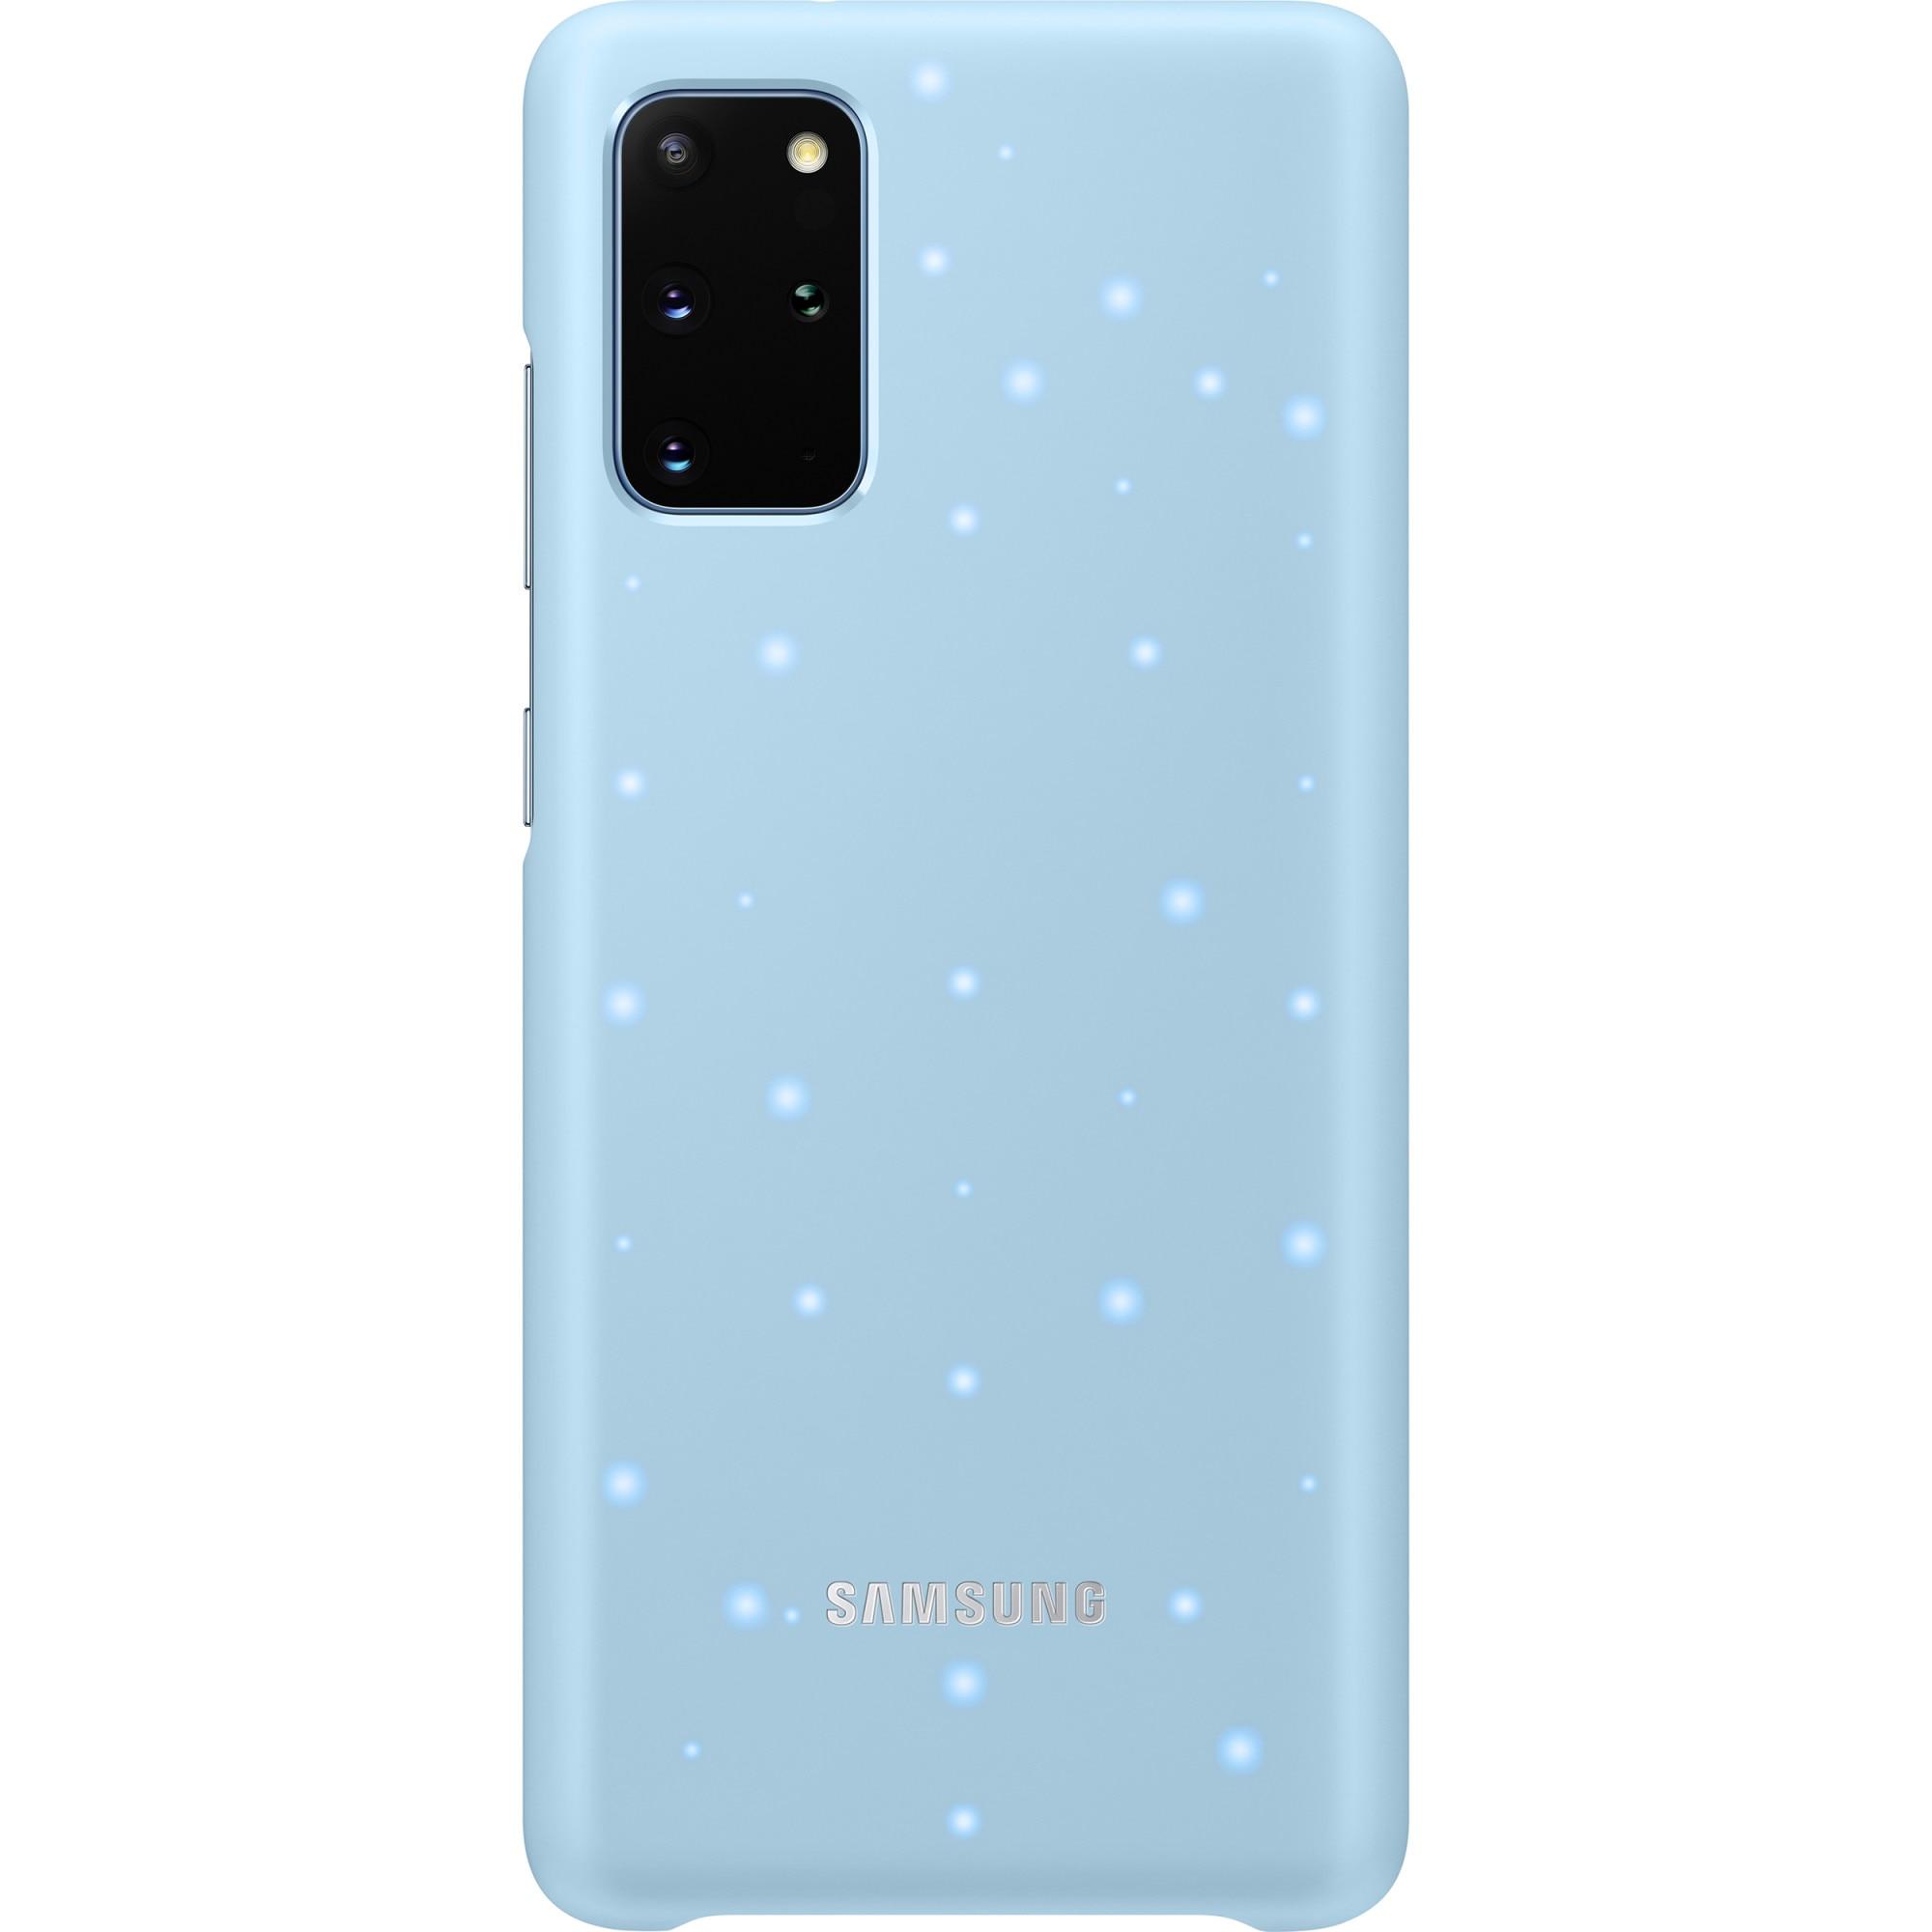 Fotografie Husa de protectie Samsung LED Cover pentru Galaxy S20 Plus, Sky Blue